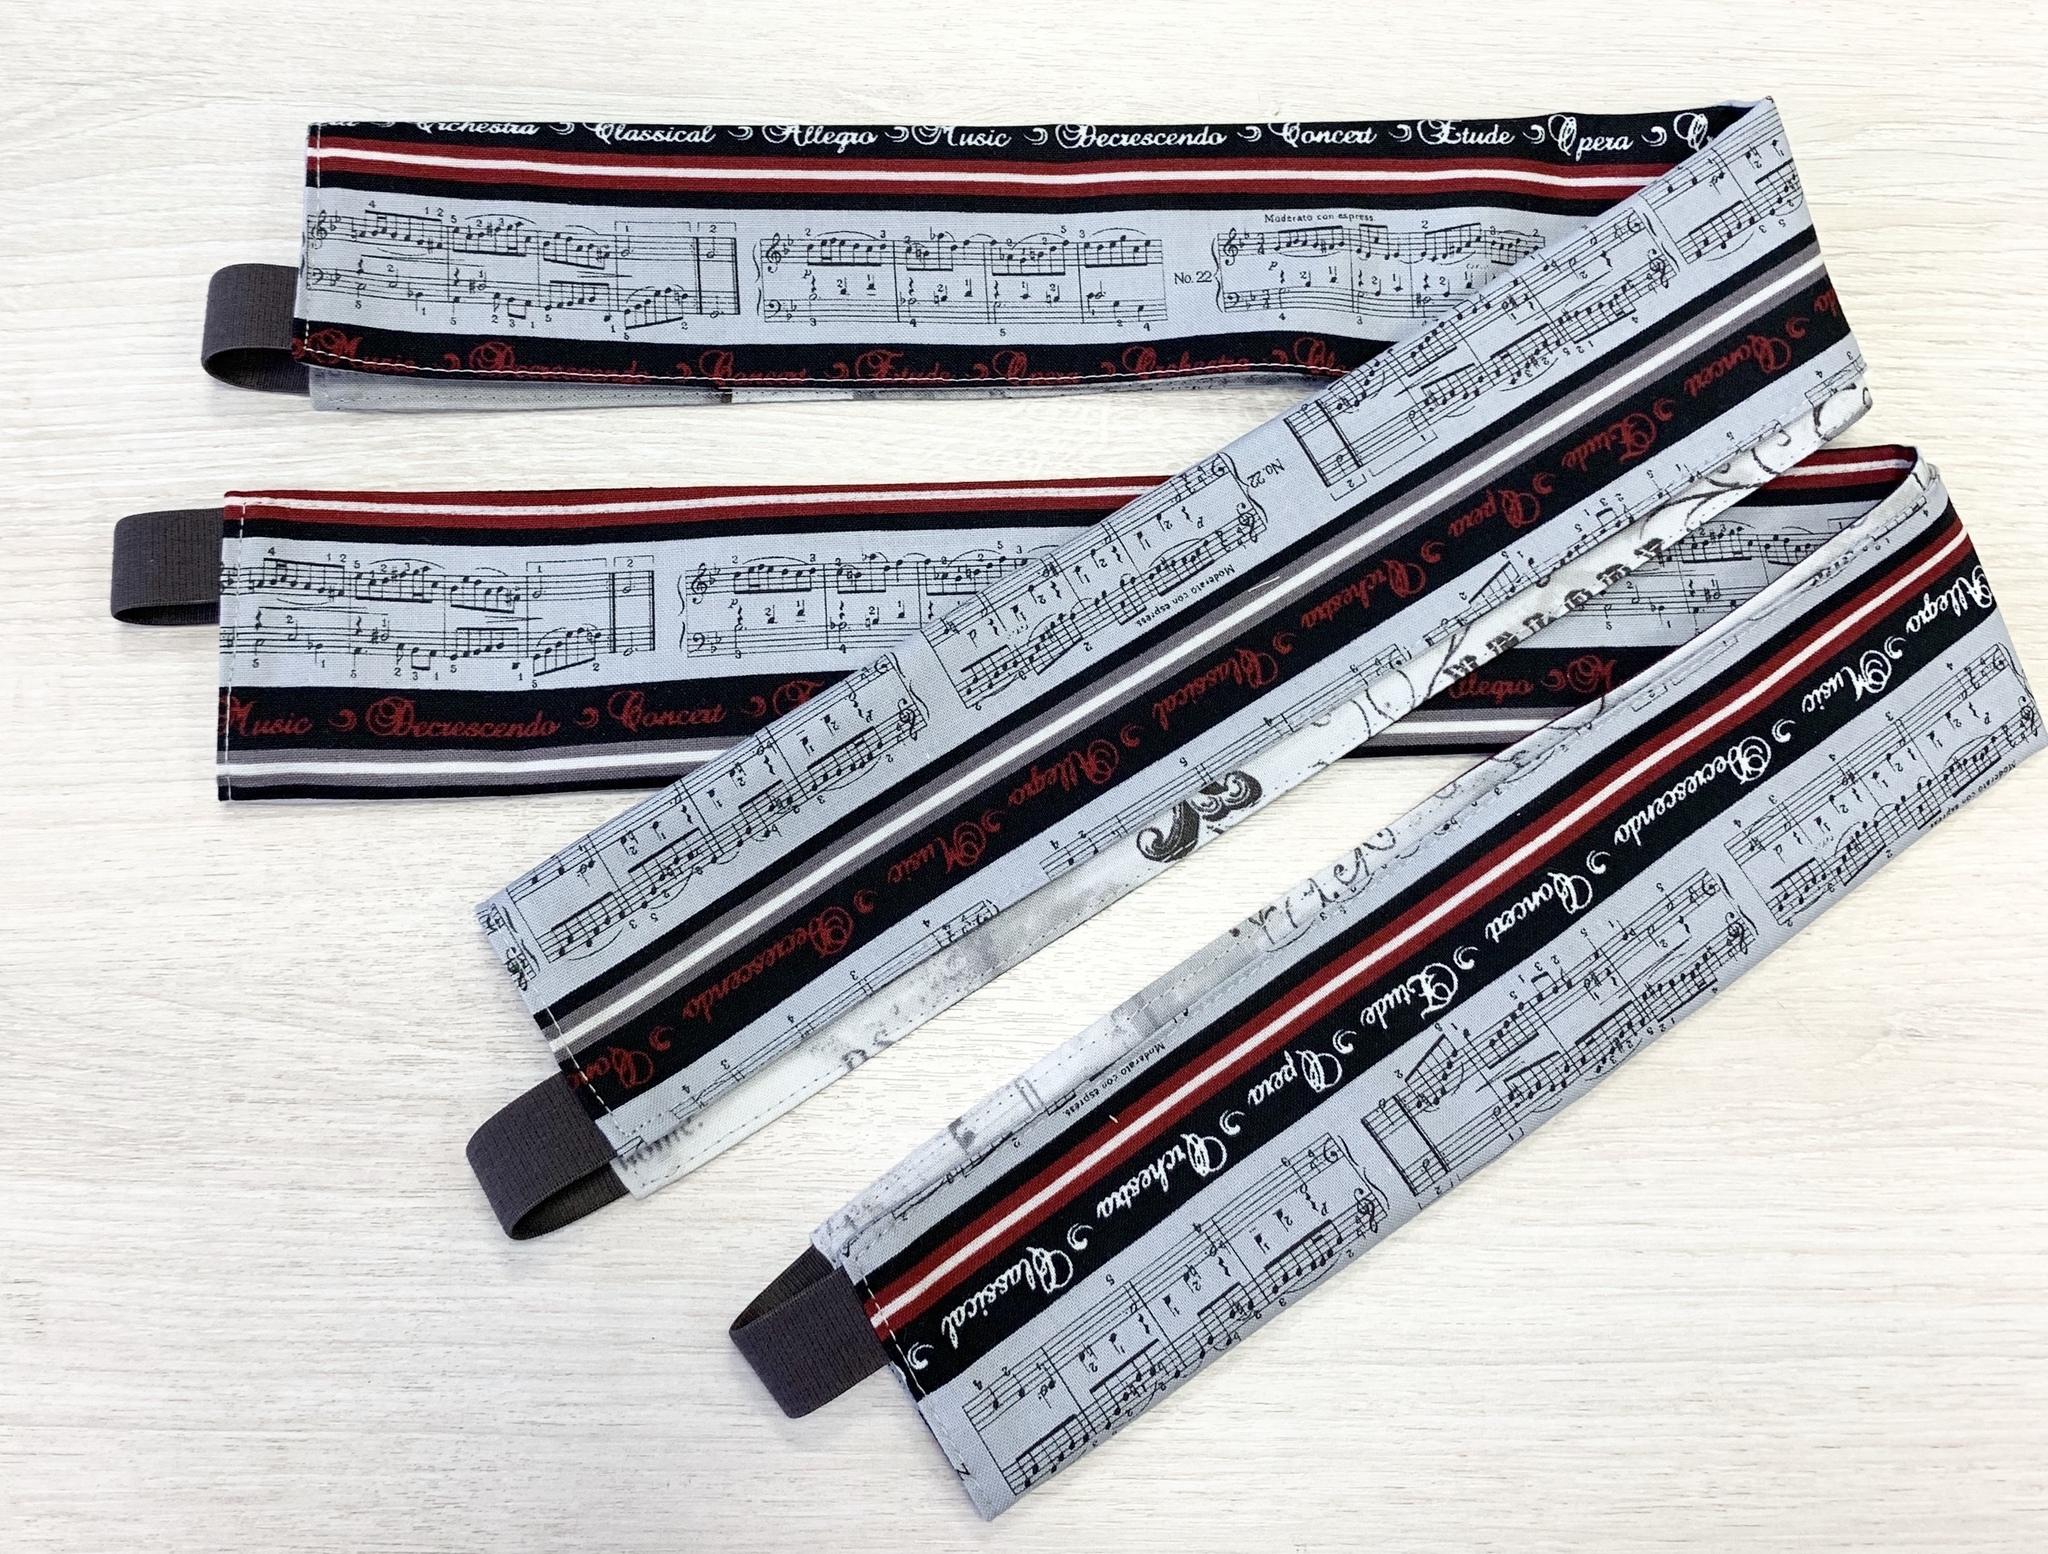 Аксессуары Защитные чехлы для рам 60 см F3CD56C5-9F51-45F0-8766-BC0EA519375E.jpeg